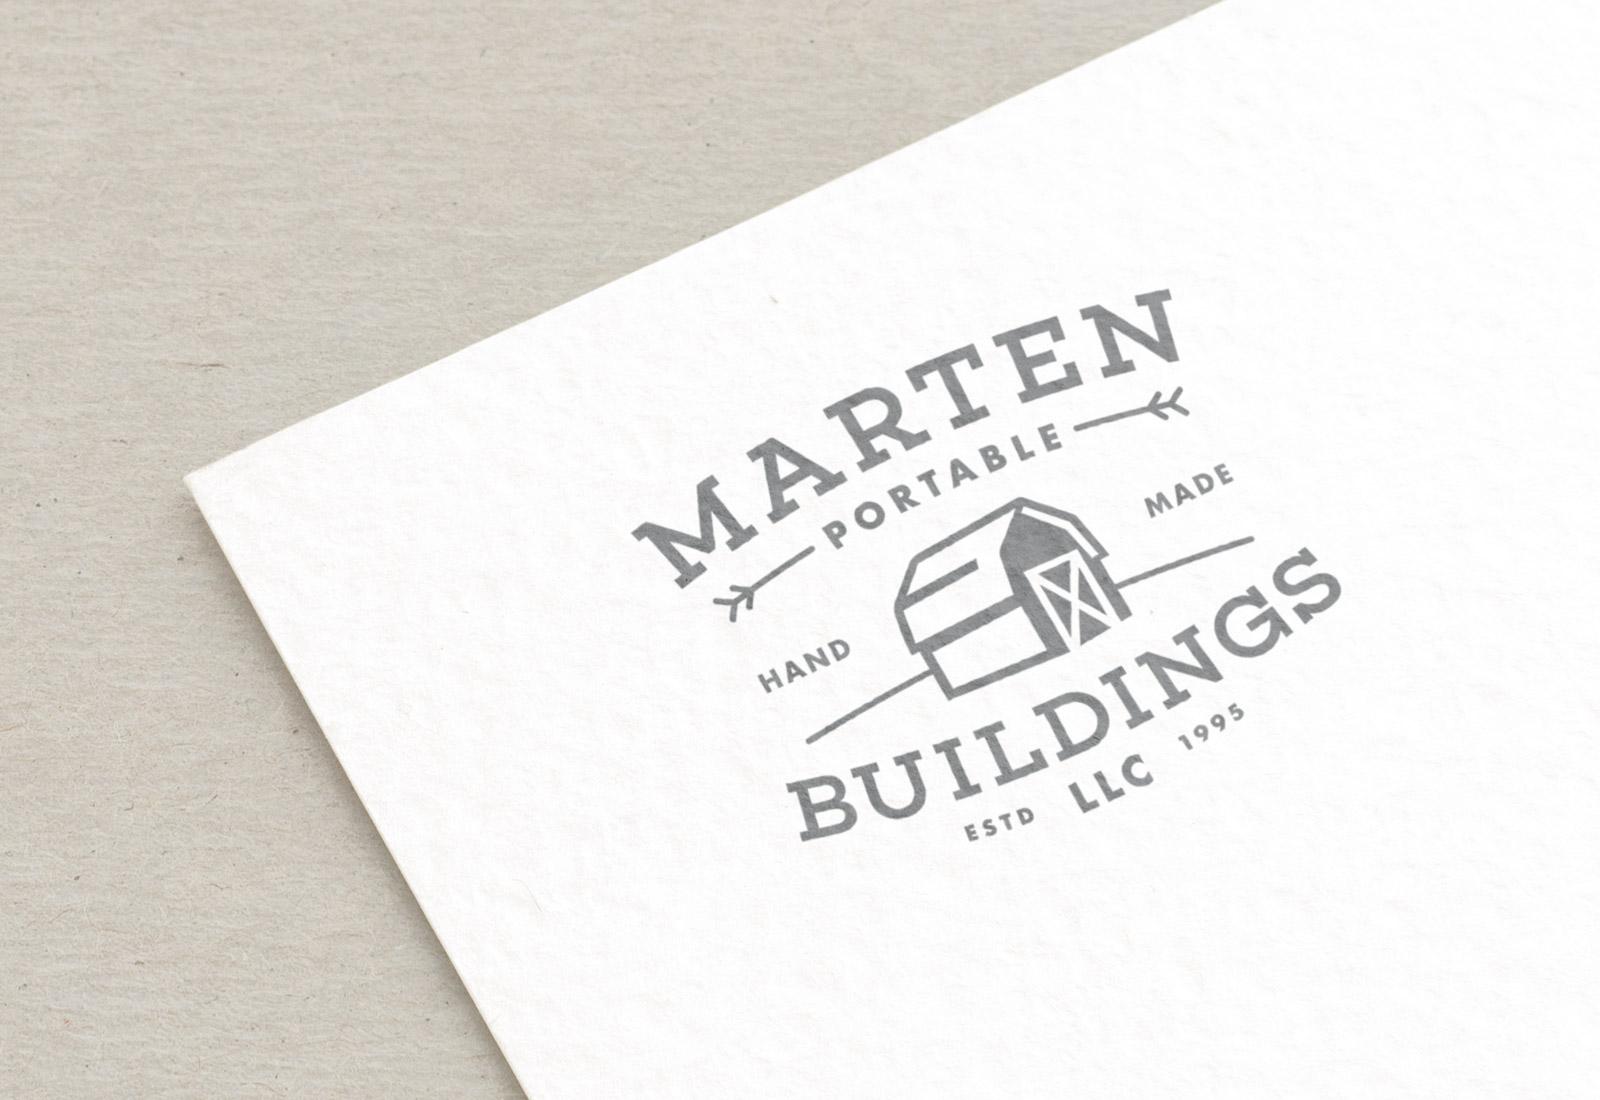 Marten Portable Buildings Logo Rendering